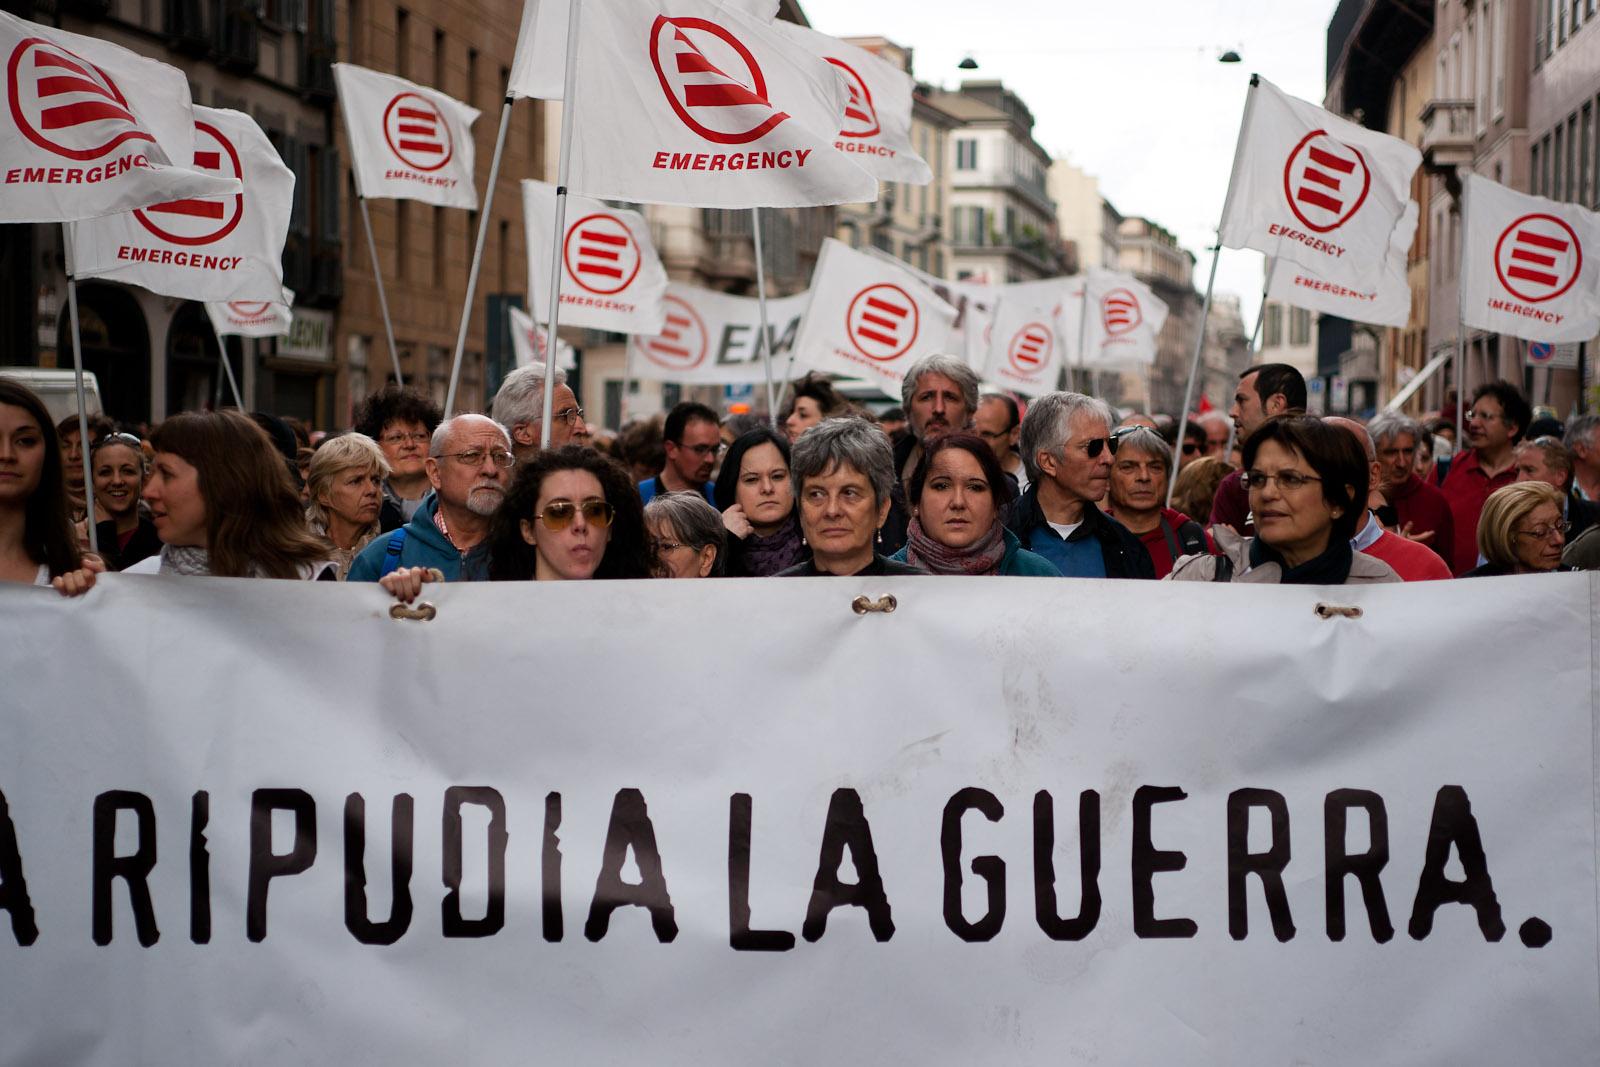 19 - Emergency Italian Organisation AGAINST war